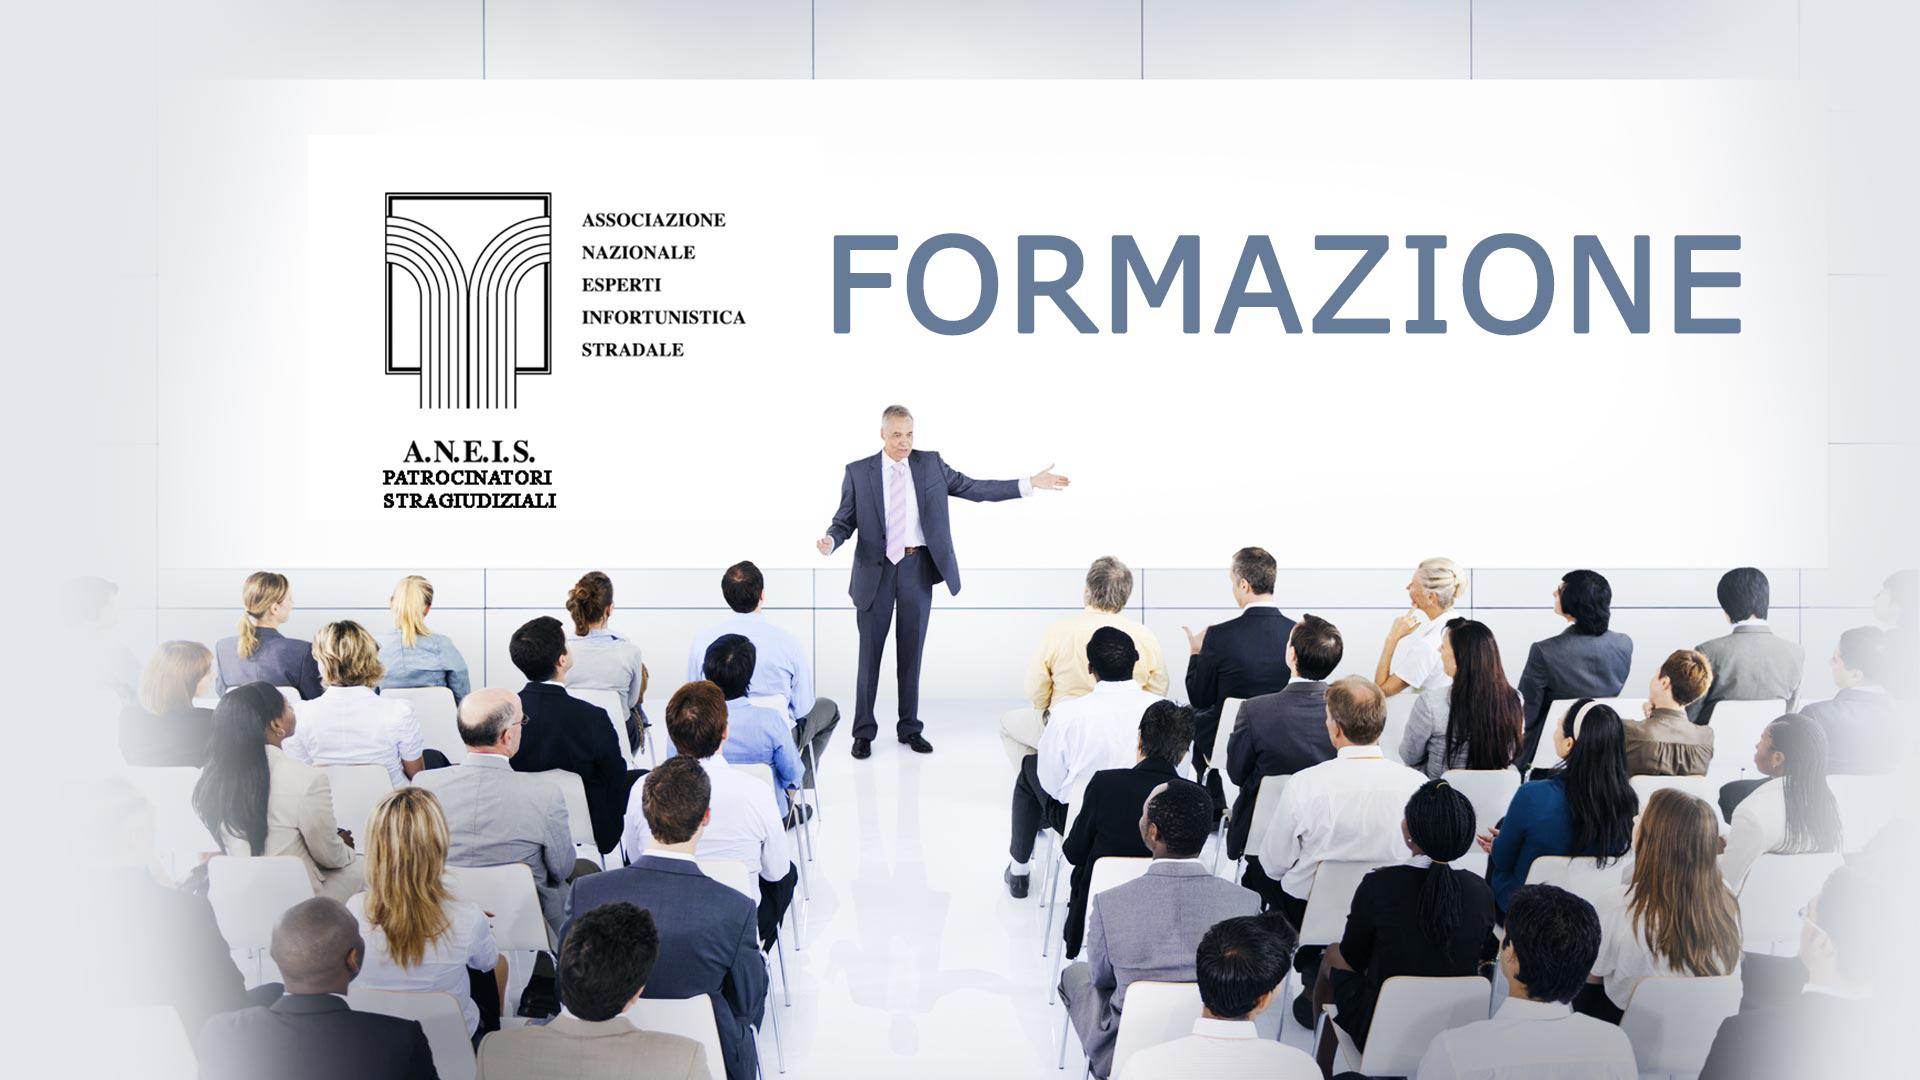 Formazione Aneis: 12 giugno 2020 SEMINARIO GRATUITO ONLINE